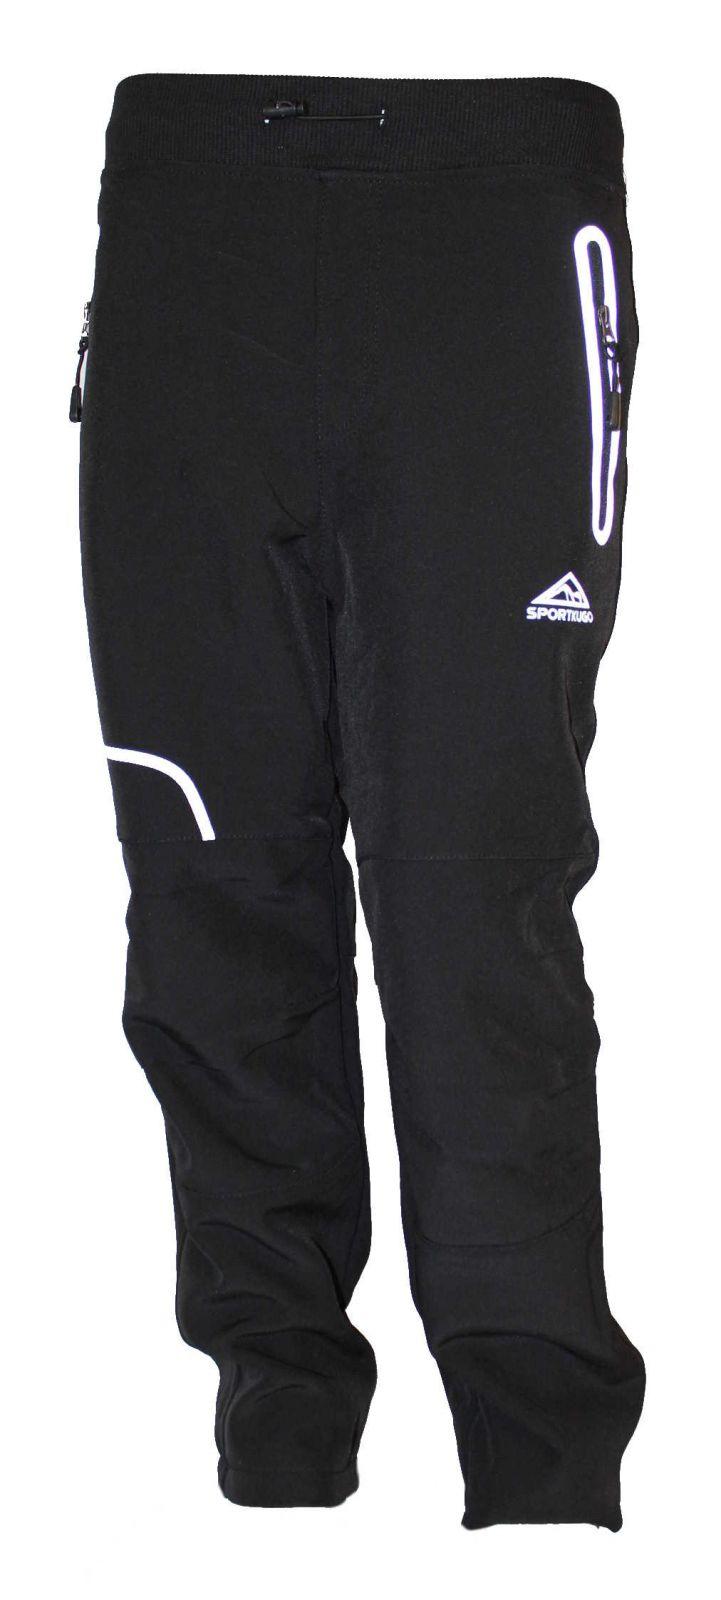 Dětské softshellové kalhoty KUGO, zateplené kalhoty, zimní kalhoty, podzimní kalhoty